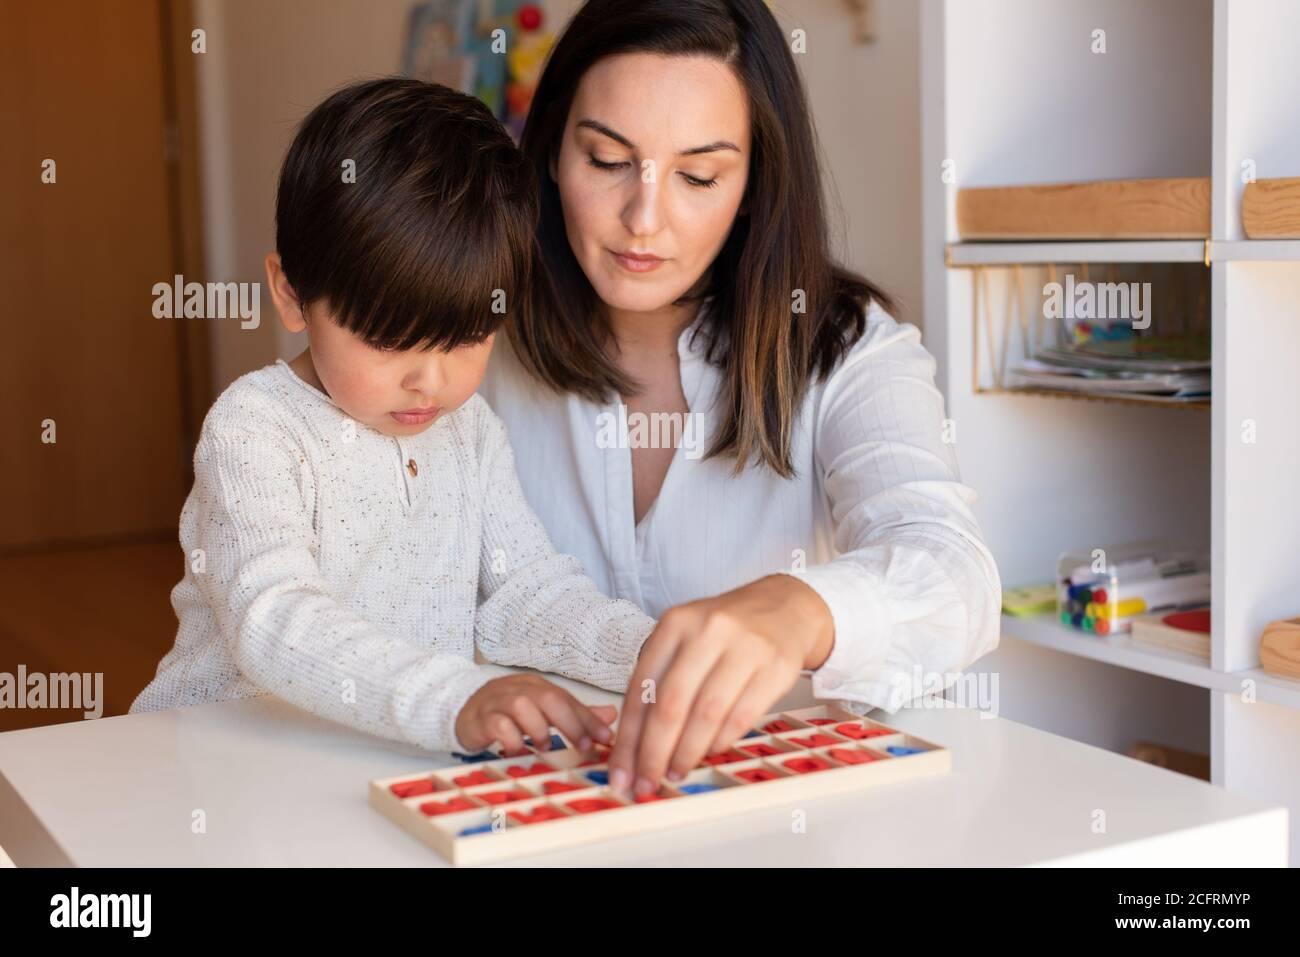 Lillte Kid apprendre à écrire et à lire avec un alphabet et une aide de mère ou d'enseignant. Homeshooling. Communauté d'apprentissage. École Montessori Banque D'Images